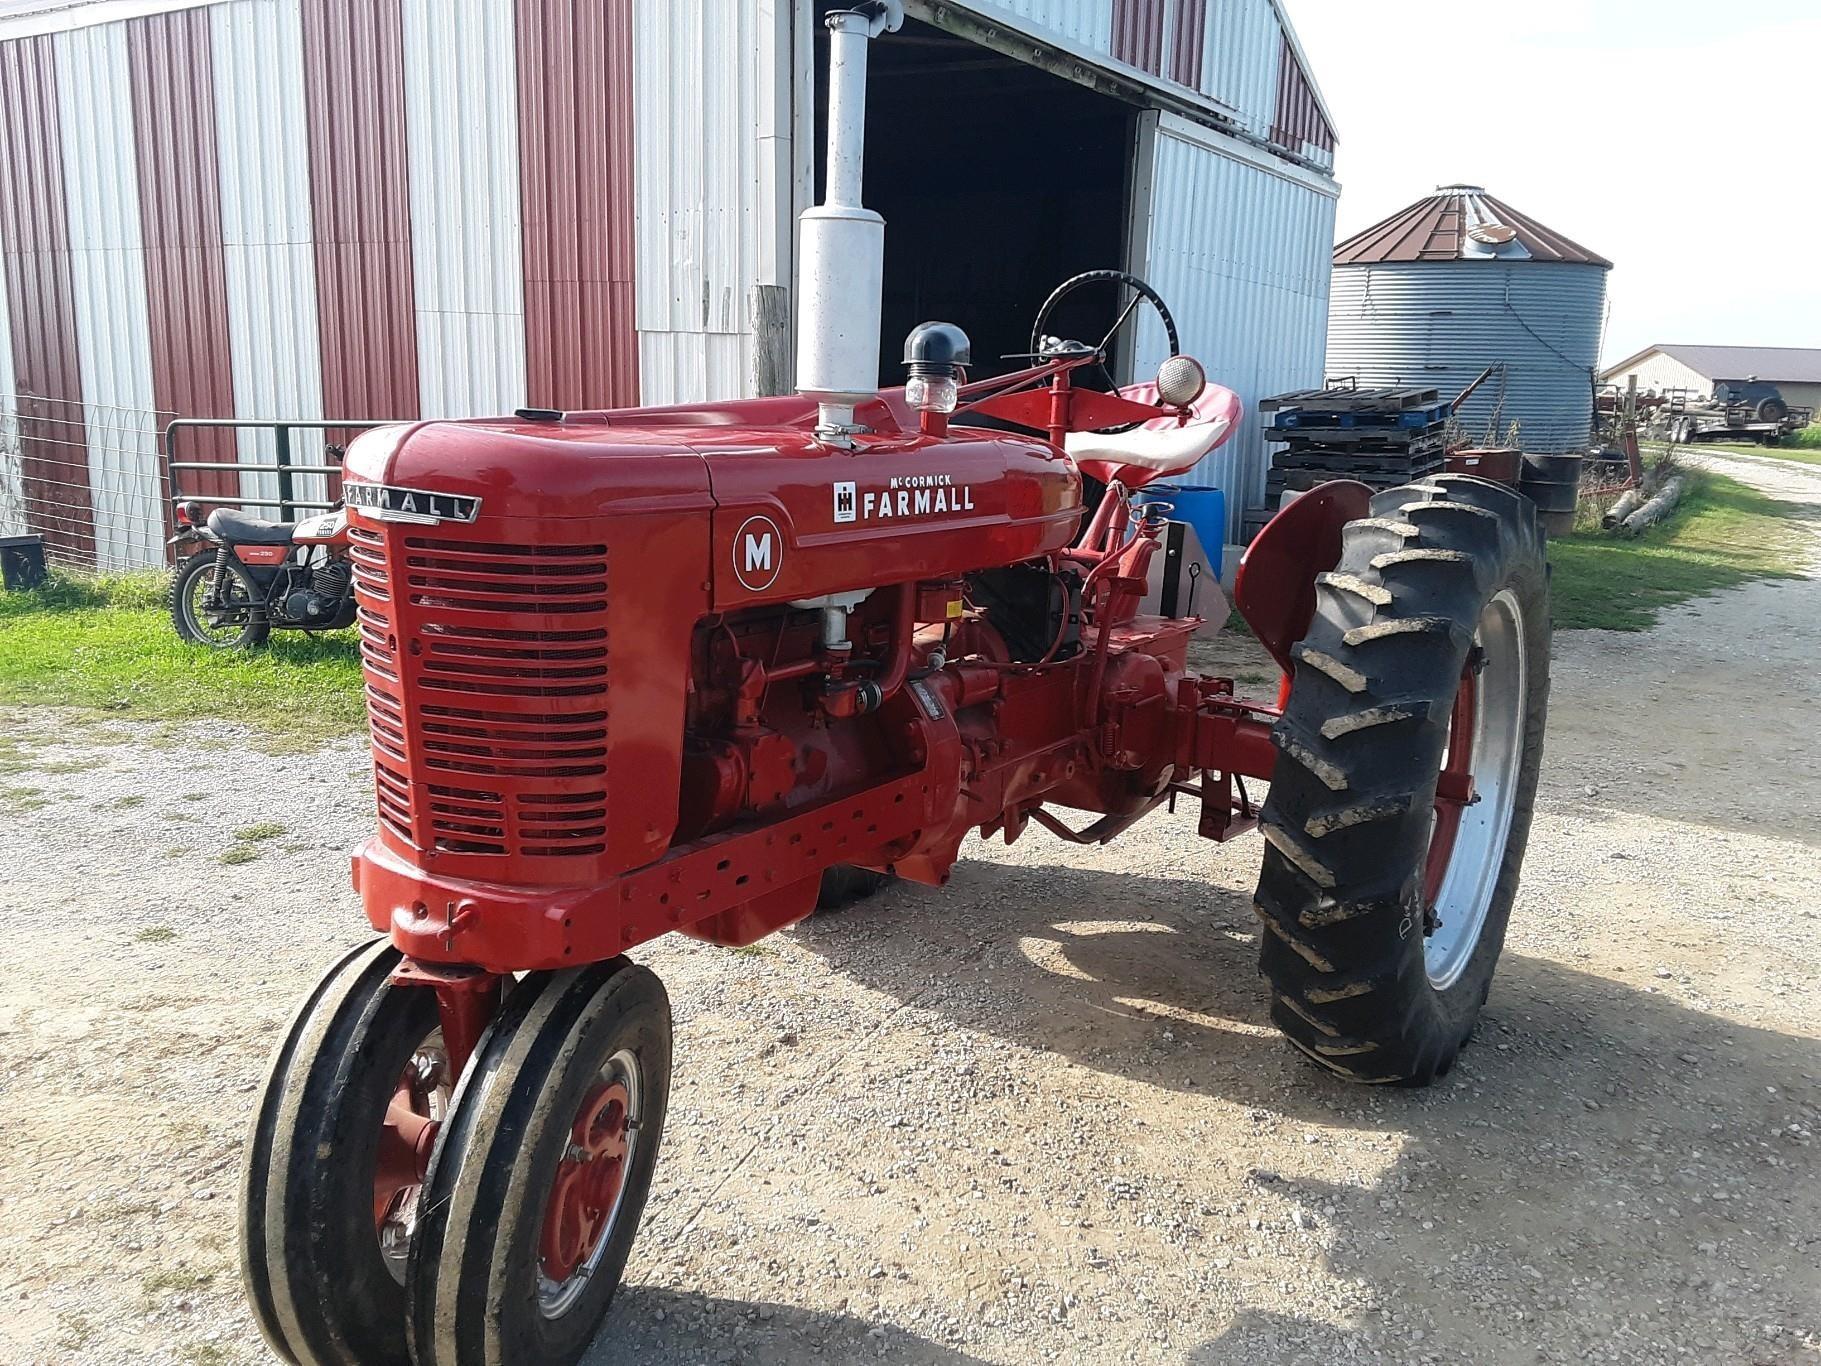 1950 Farmall M Tractor